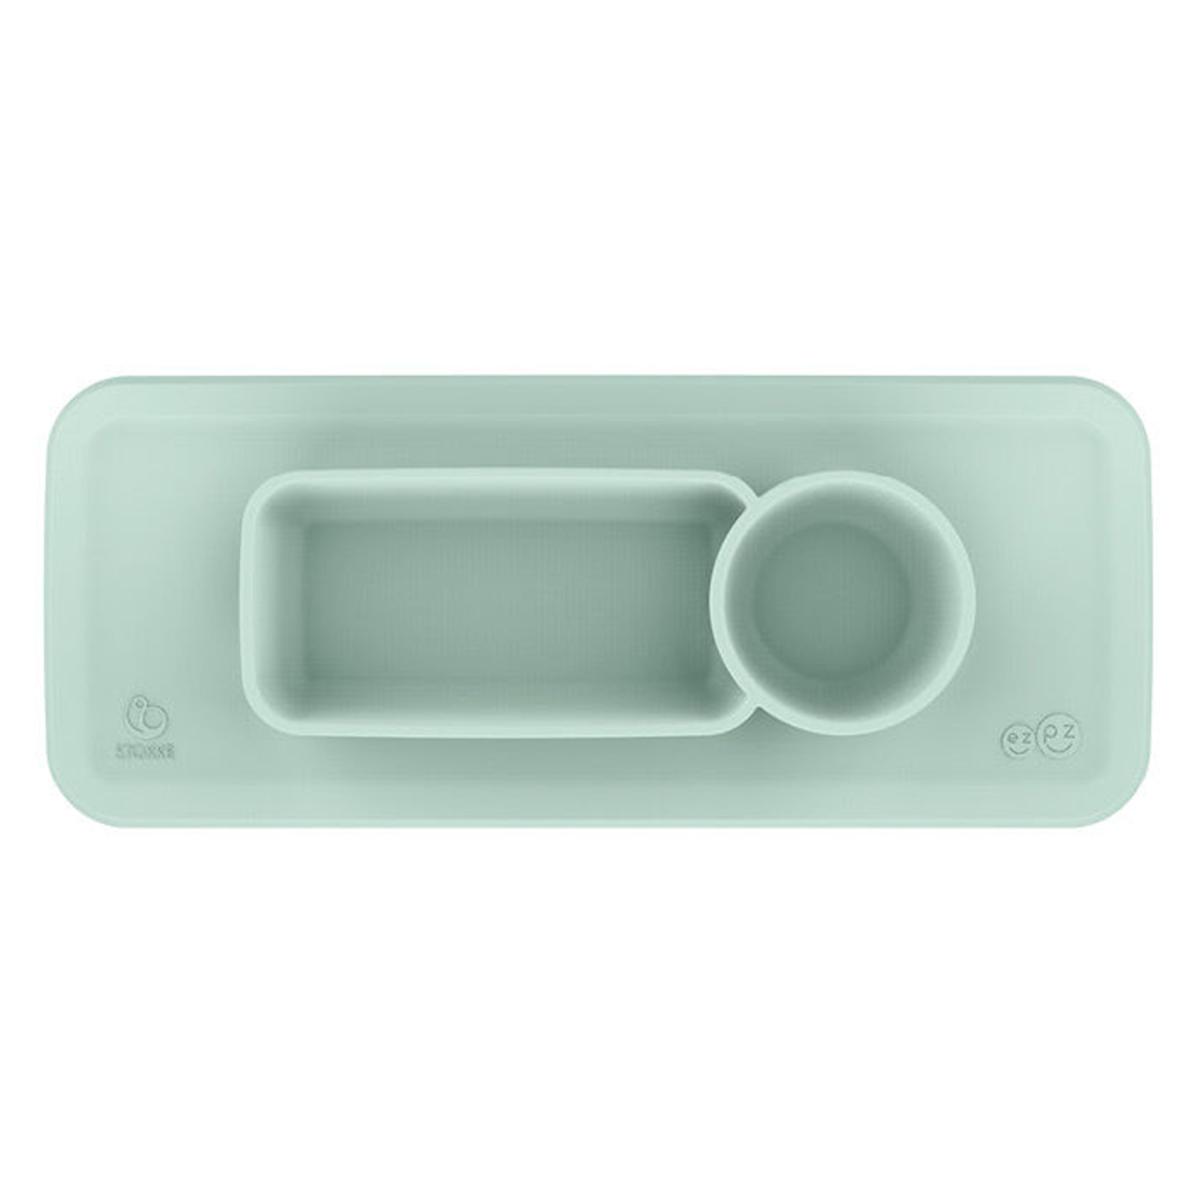 Vaisselle & Couvert Set de Table Clikk - Menthe Set de Table Clikk - Menthe